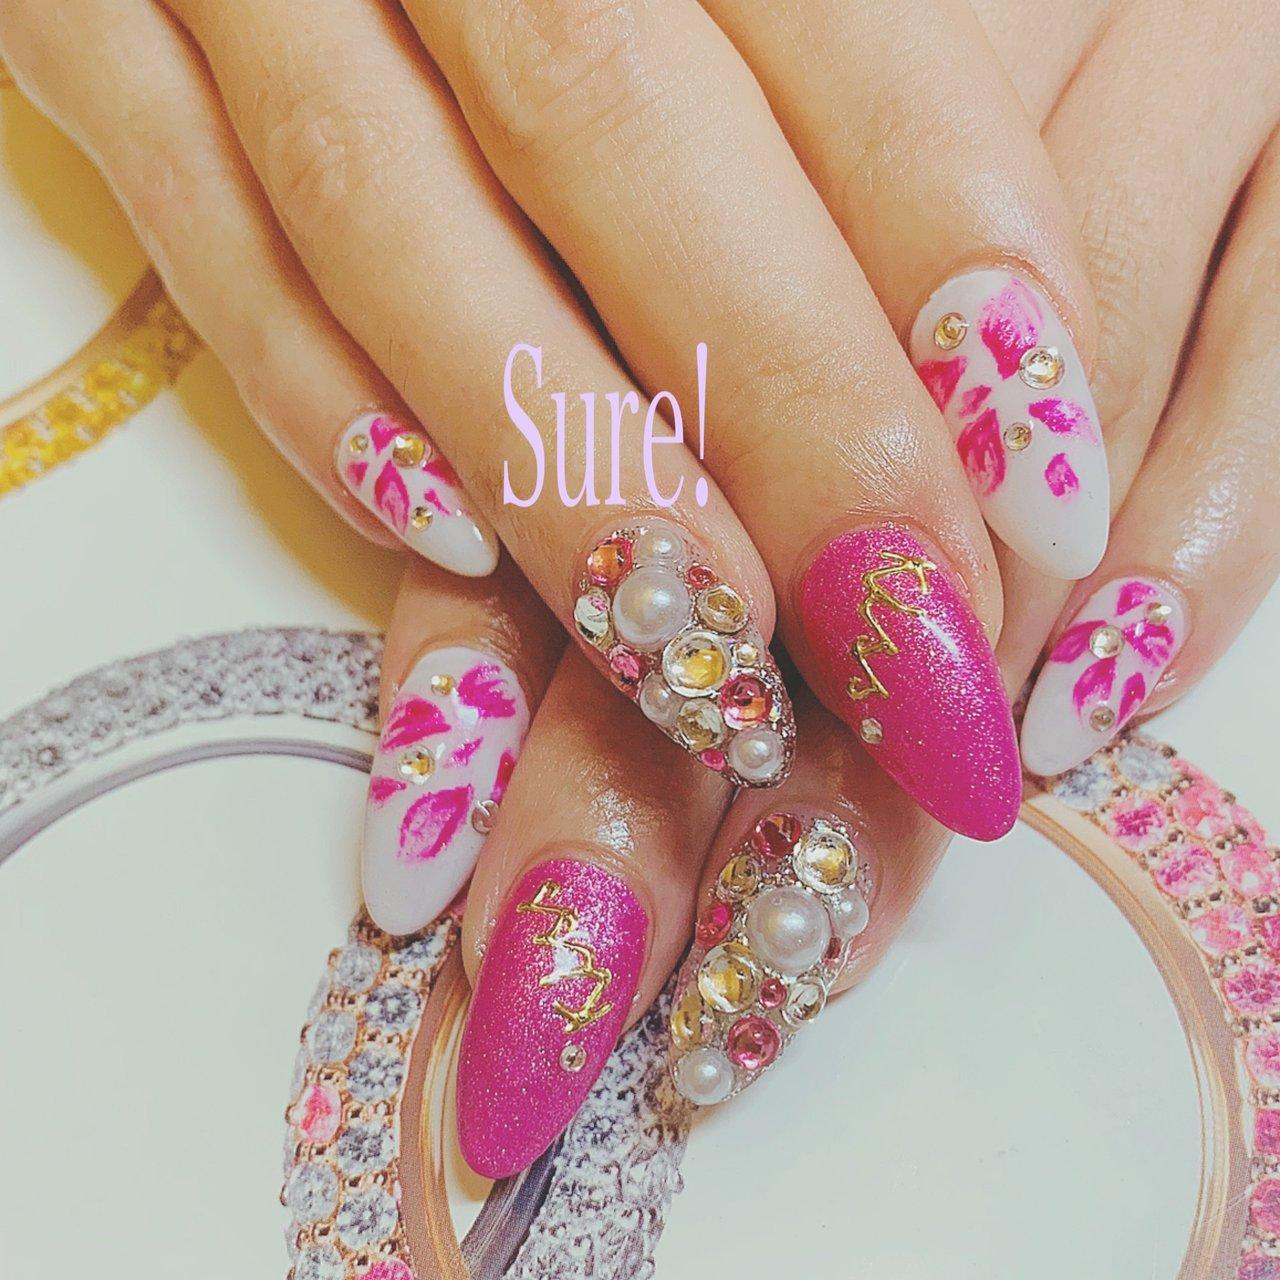 pink rose #オールシーズン #旅行 #ブライダル #ハンド #フラワー #デコ #ミディアム #ホワイト #ピンク #スカルプチュア #お客様 #Sure! #ネイルブック